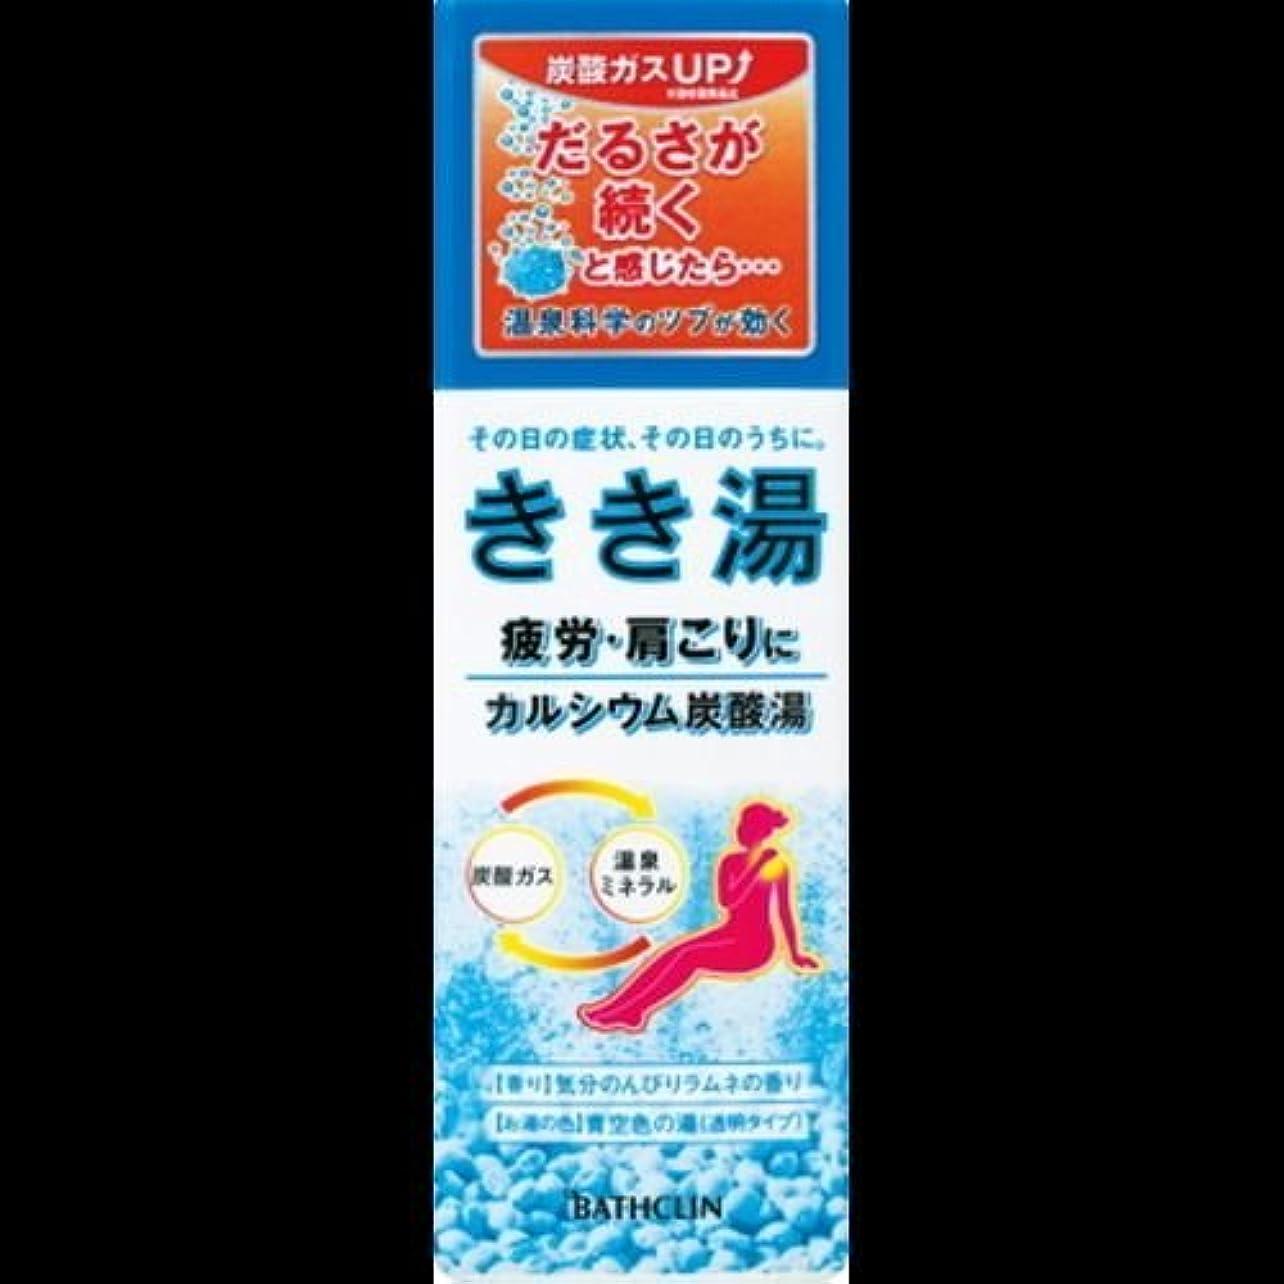 たとえ生物学暖かさ【まとめ買い】きき湯 カルシウム炭酸湯 気分のんびりラムネの香り 青空色の湯(透明タイプ) 360g ×2セット